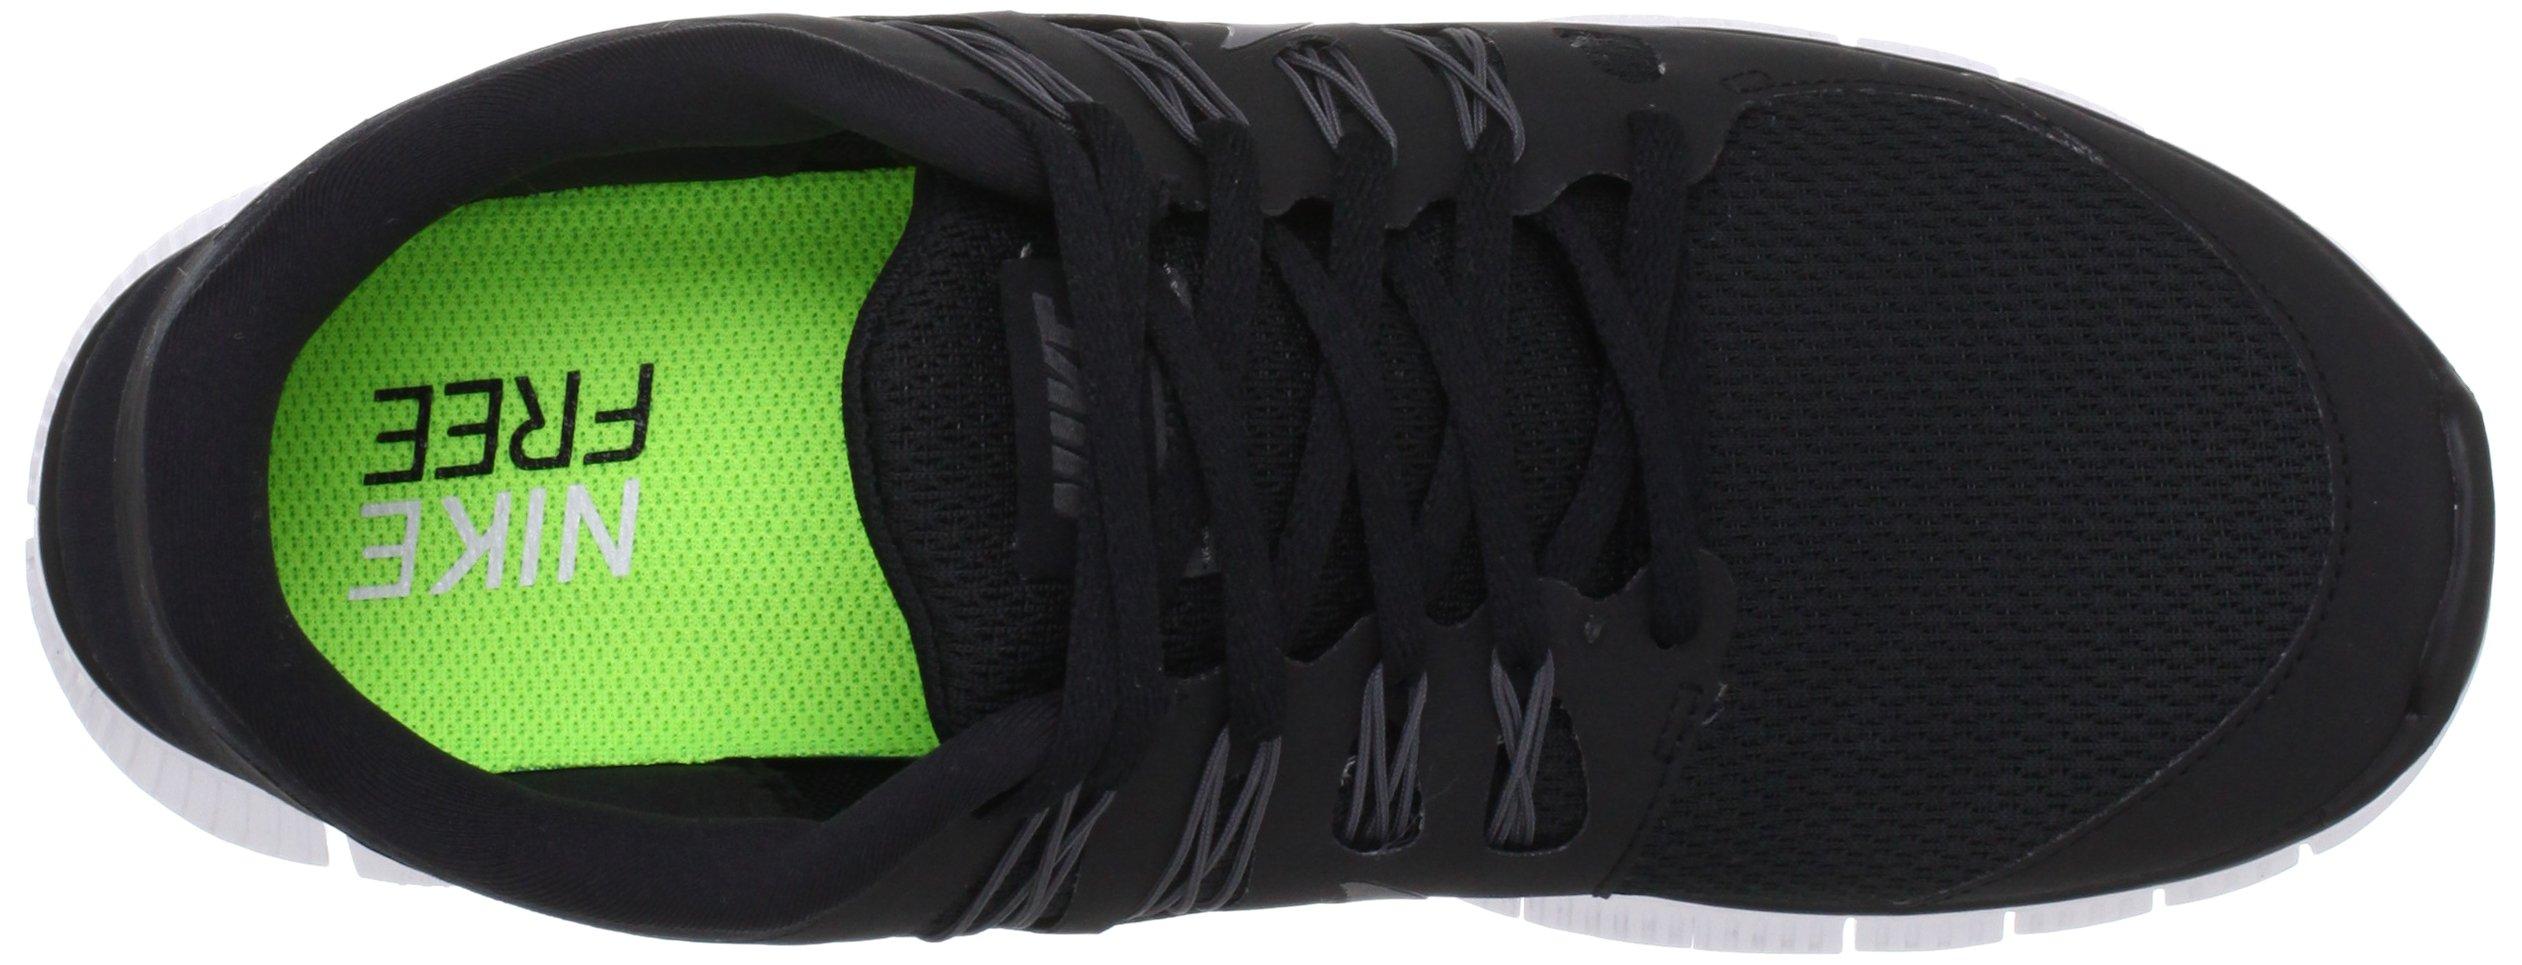 81GMUyexnbL - Nike Men's Free 5.0+ Running Shoes